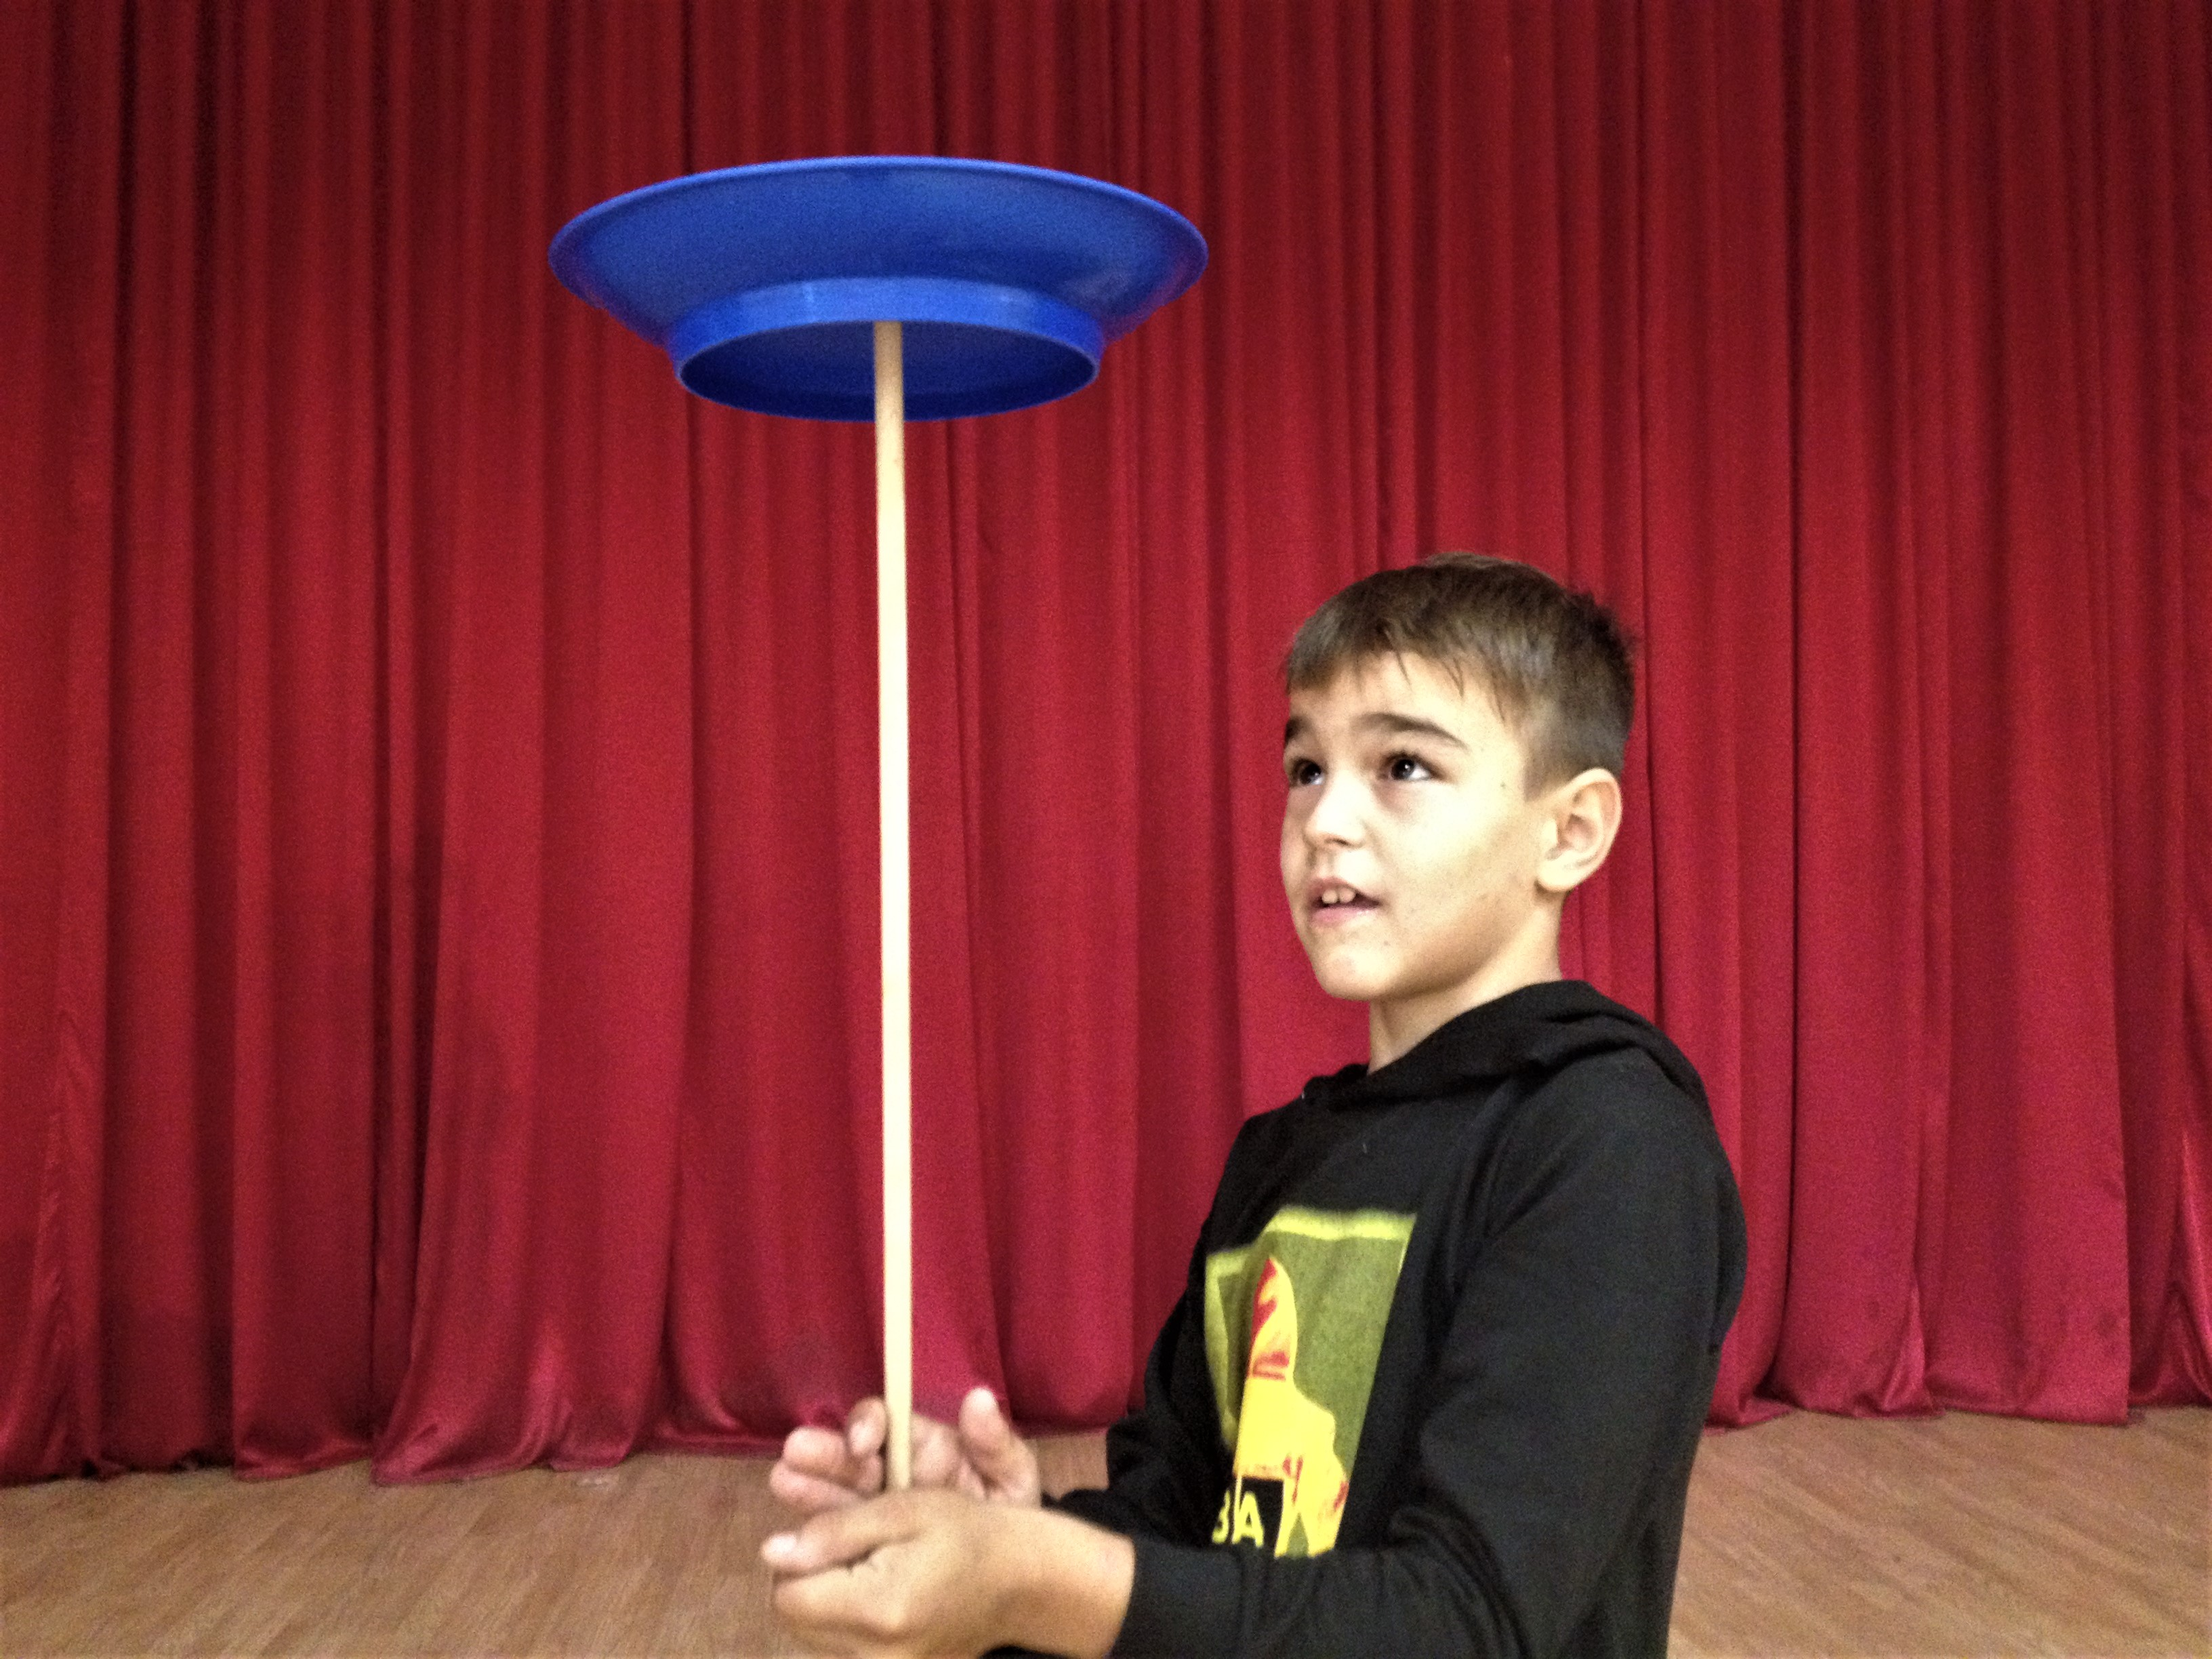 Circ de 2 lei - proiect de circ social 4